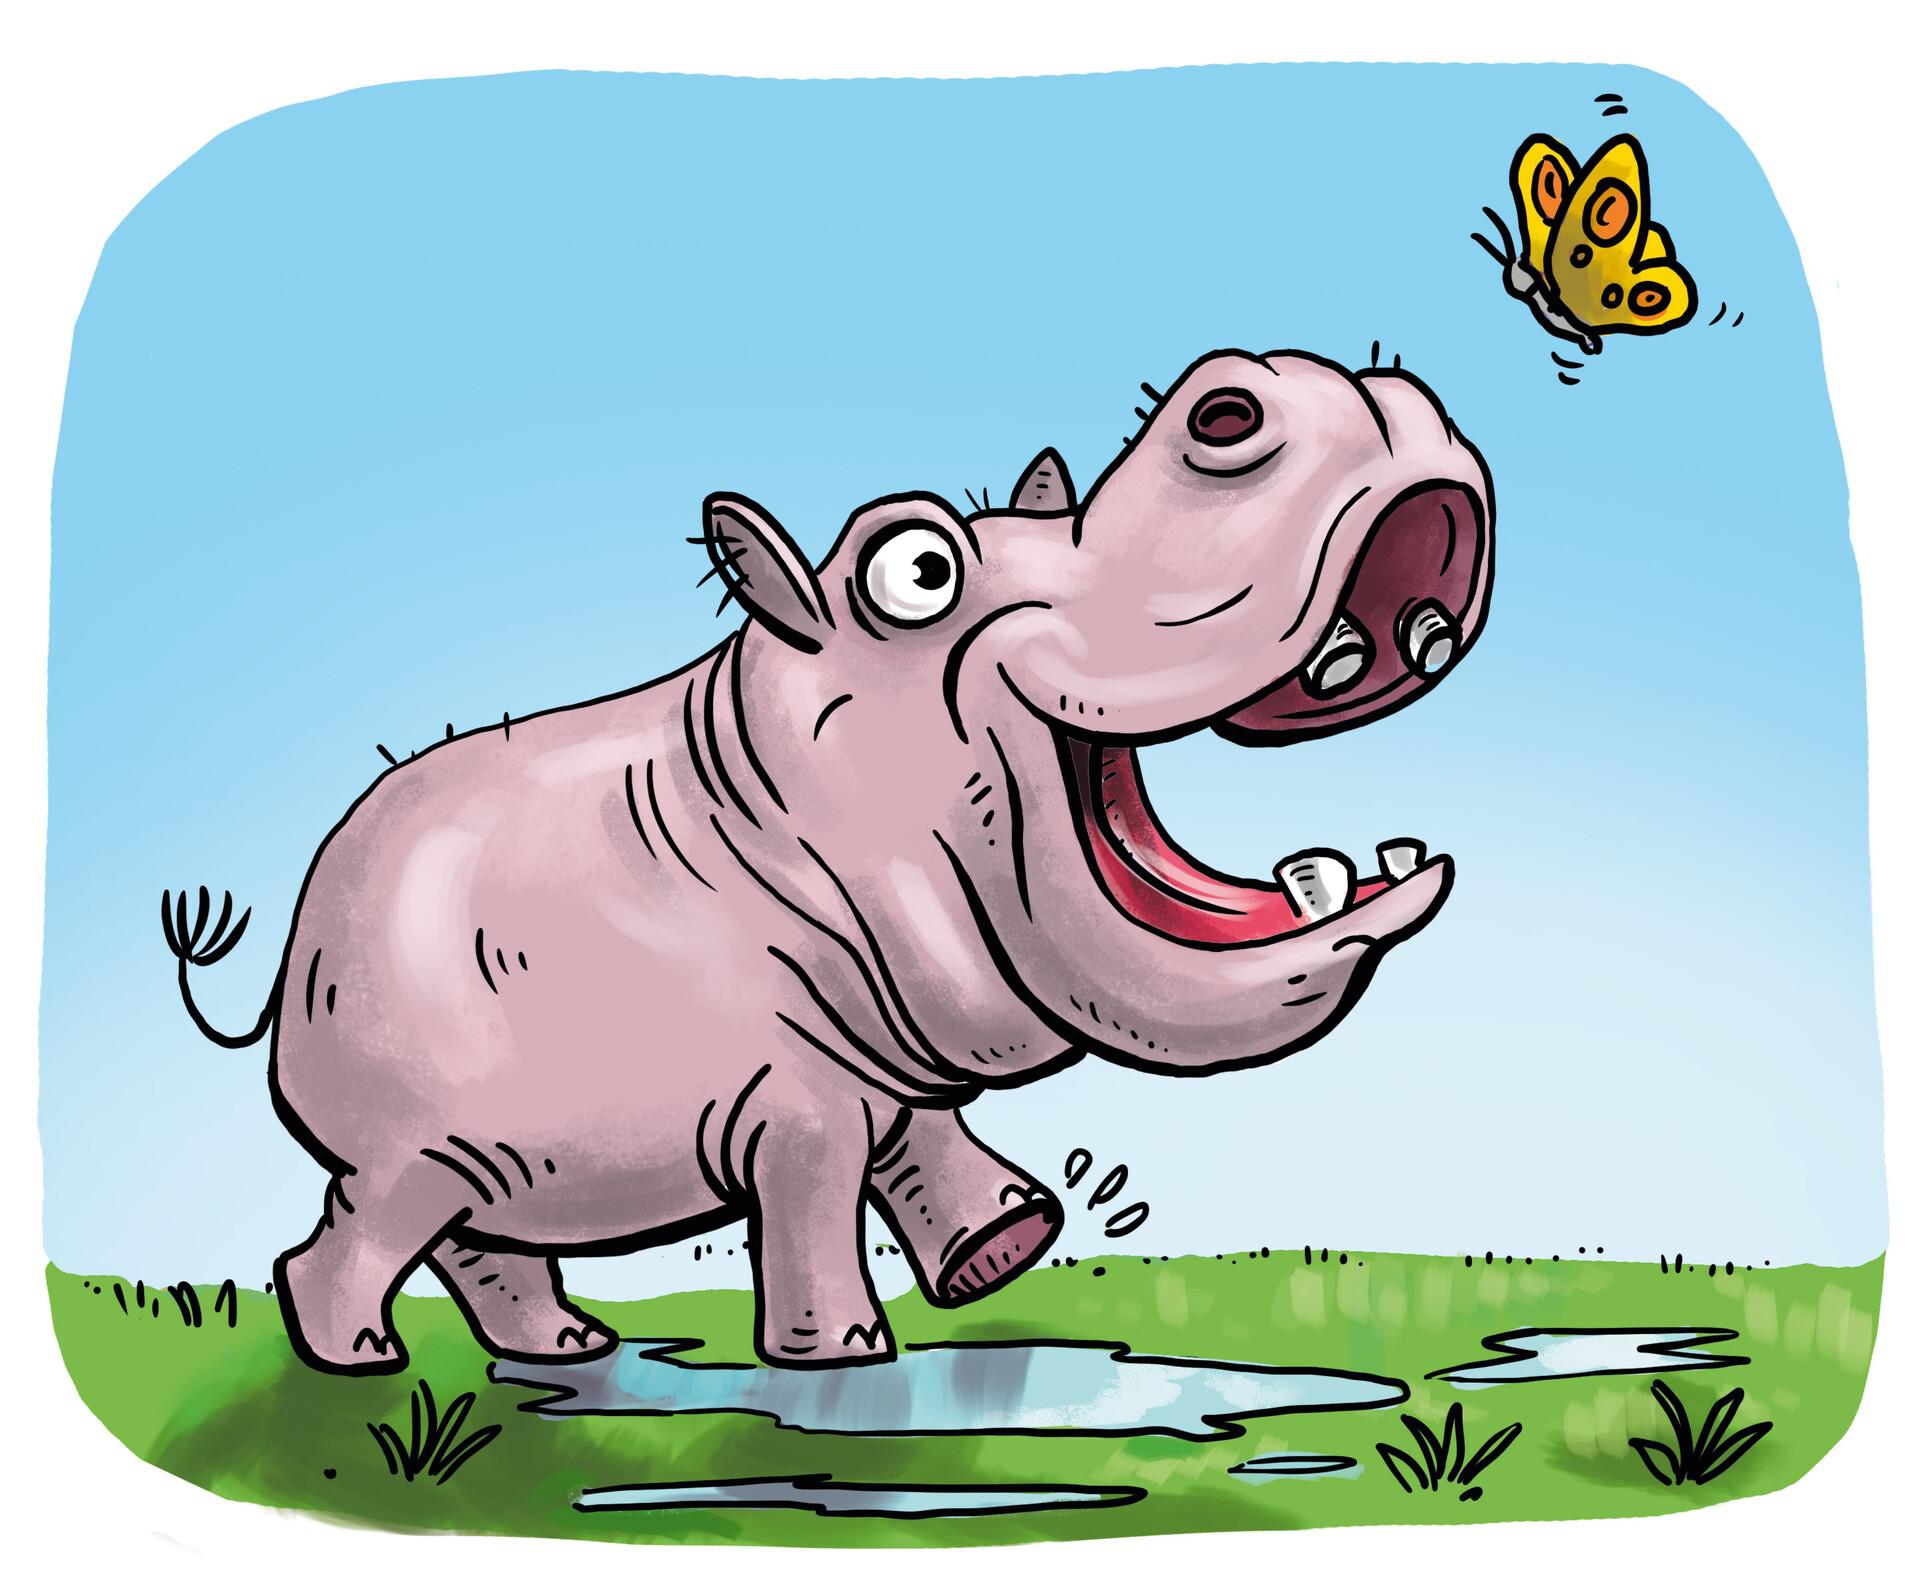 Nicolas rivero hippo2 kopie